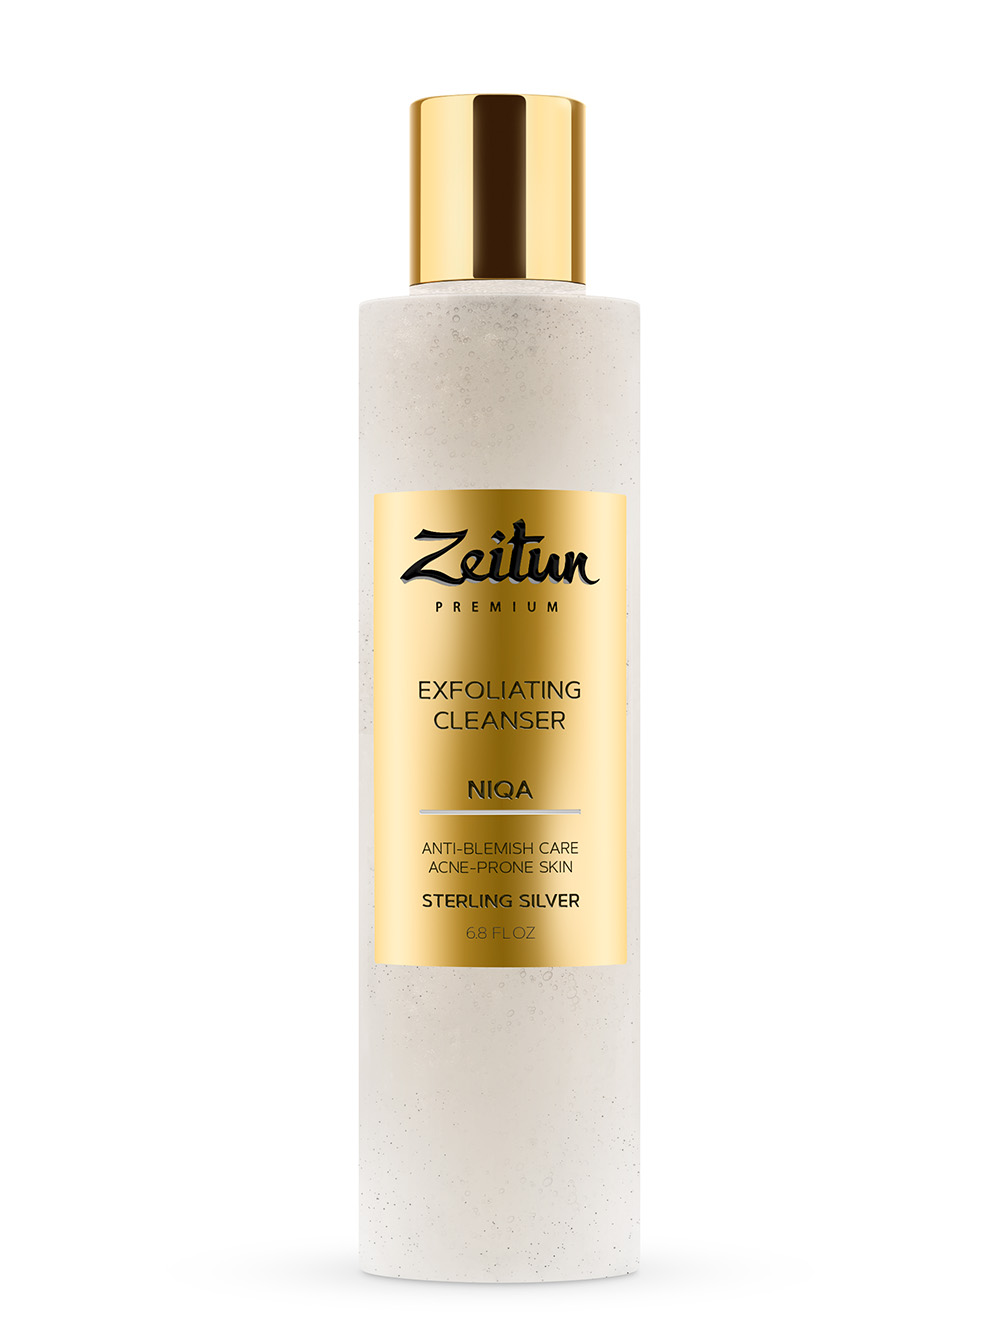 Купить ZEITUN Гель-скраб глубоко очищающий для умывания для проблемной кожи / Niqa 200 мл